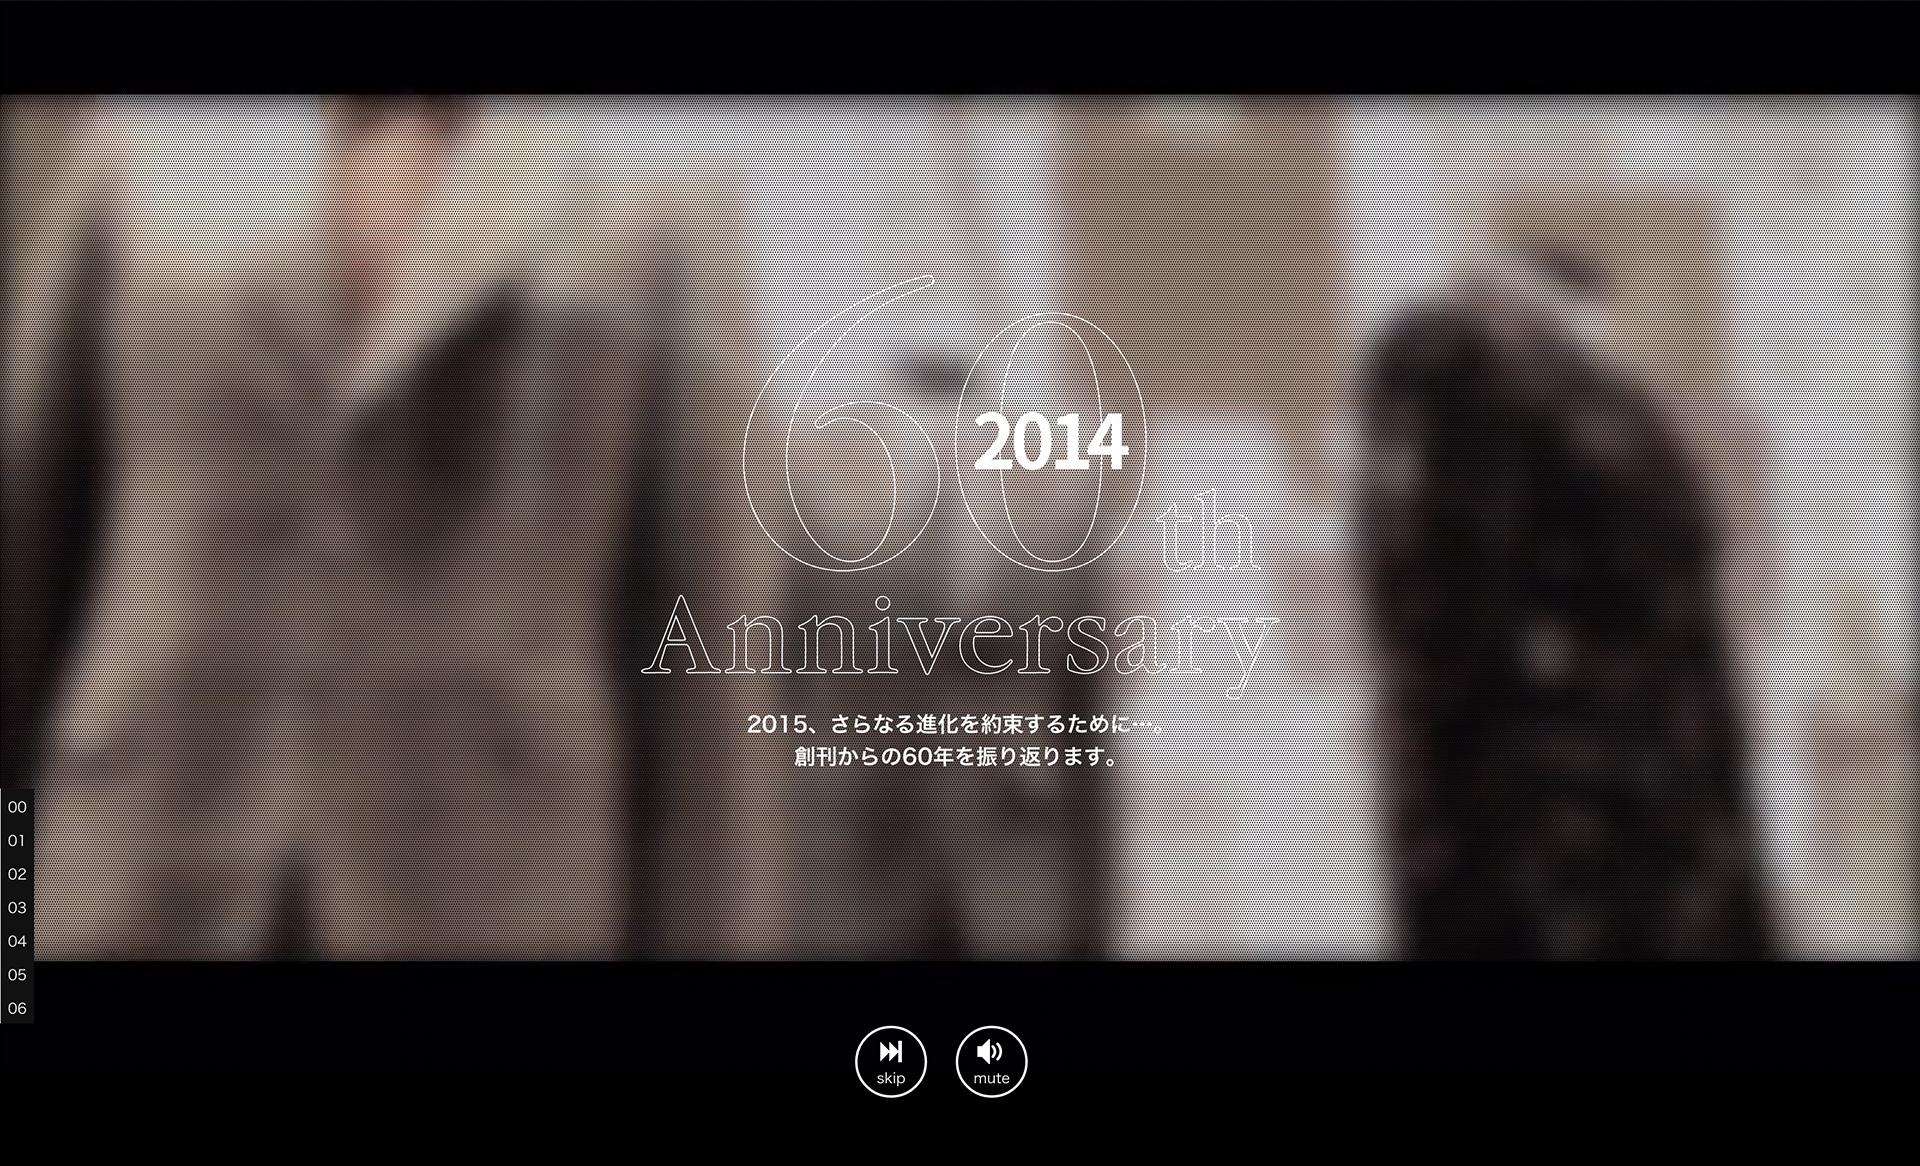 MEN'S CLUB様60周年記念特設ページ